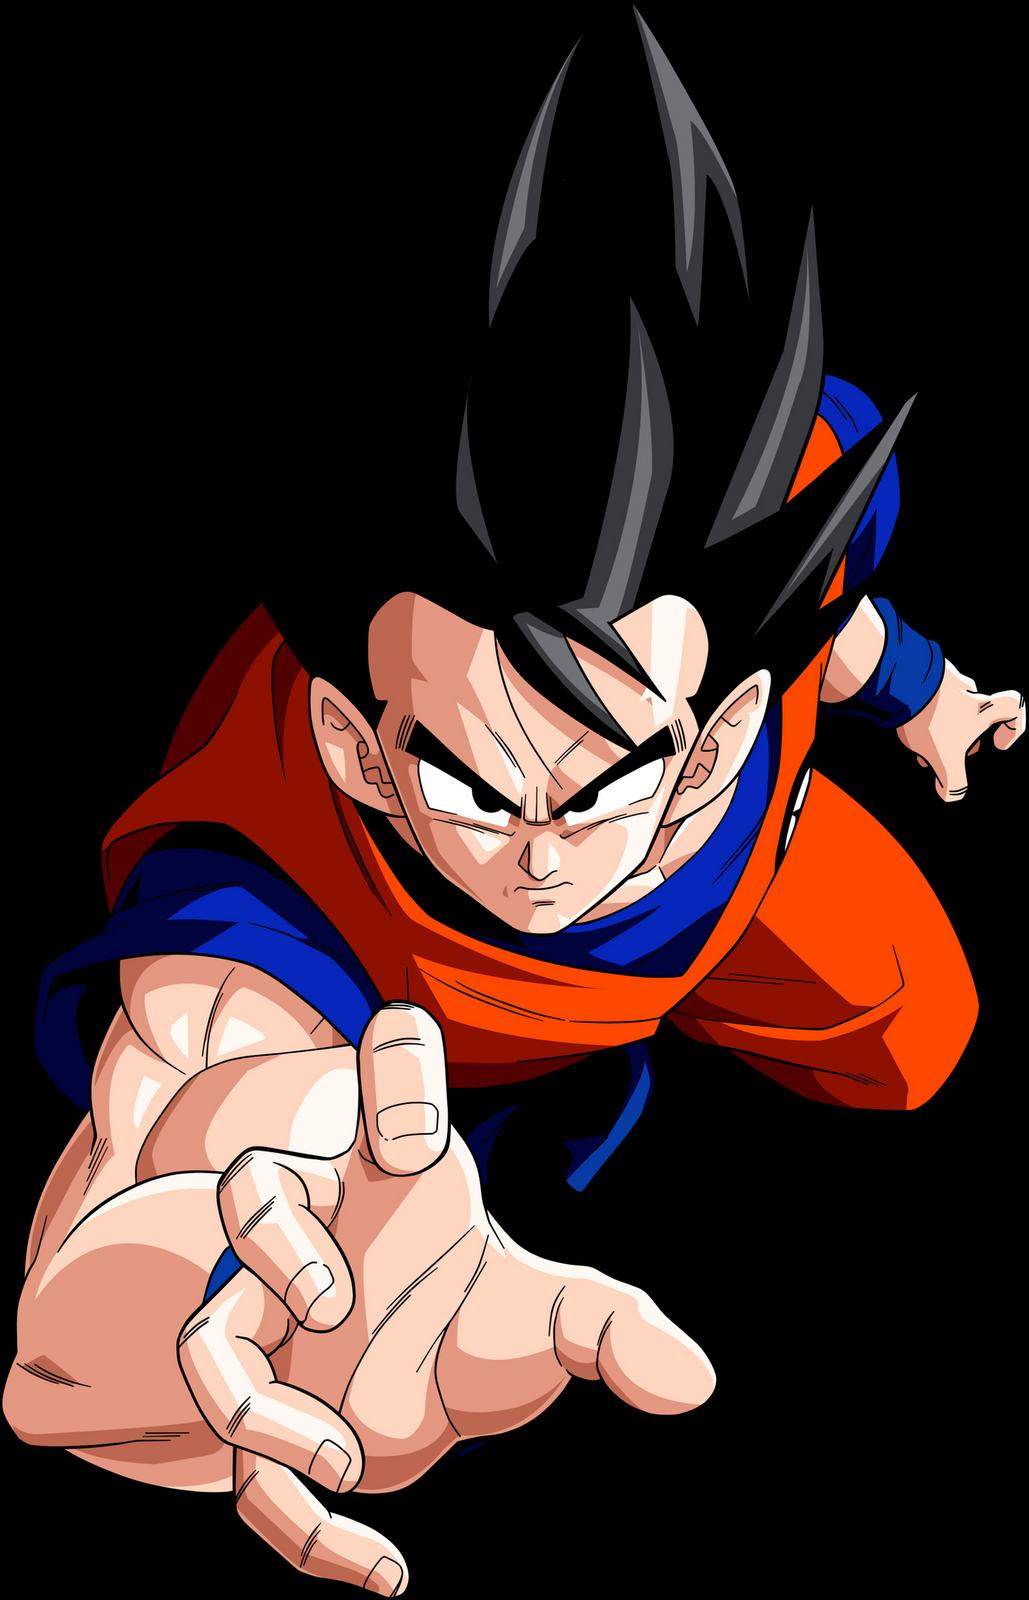 Goku Png Transparent Png Mart Anime Dragon Ball Super Dragon Ball Dragon Ball Art